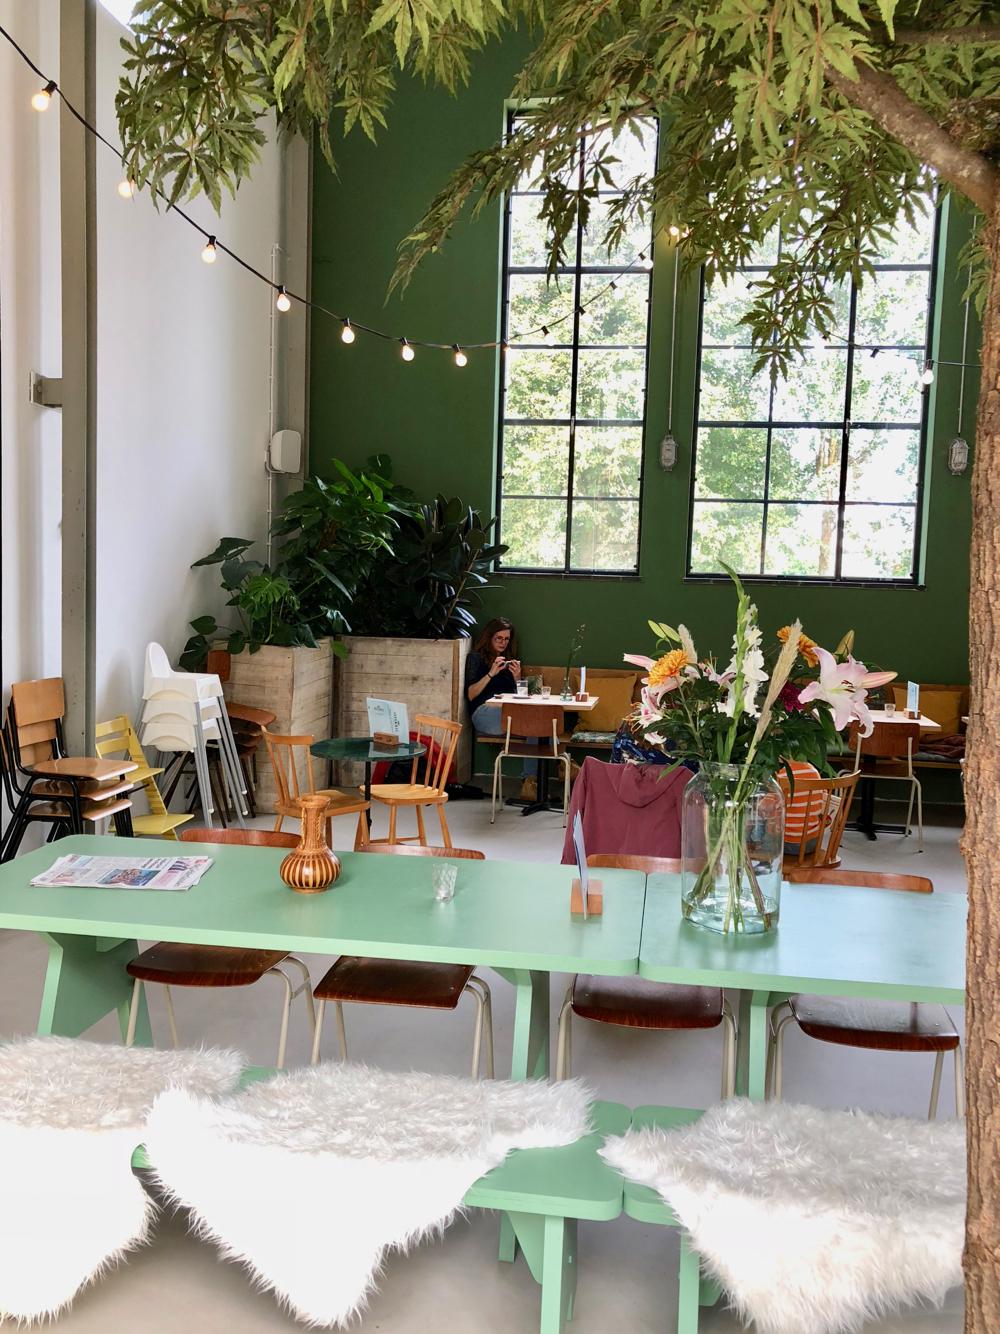 Groene tafel met bloemen tegen een groene achterwand met hoge stalen ramen.